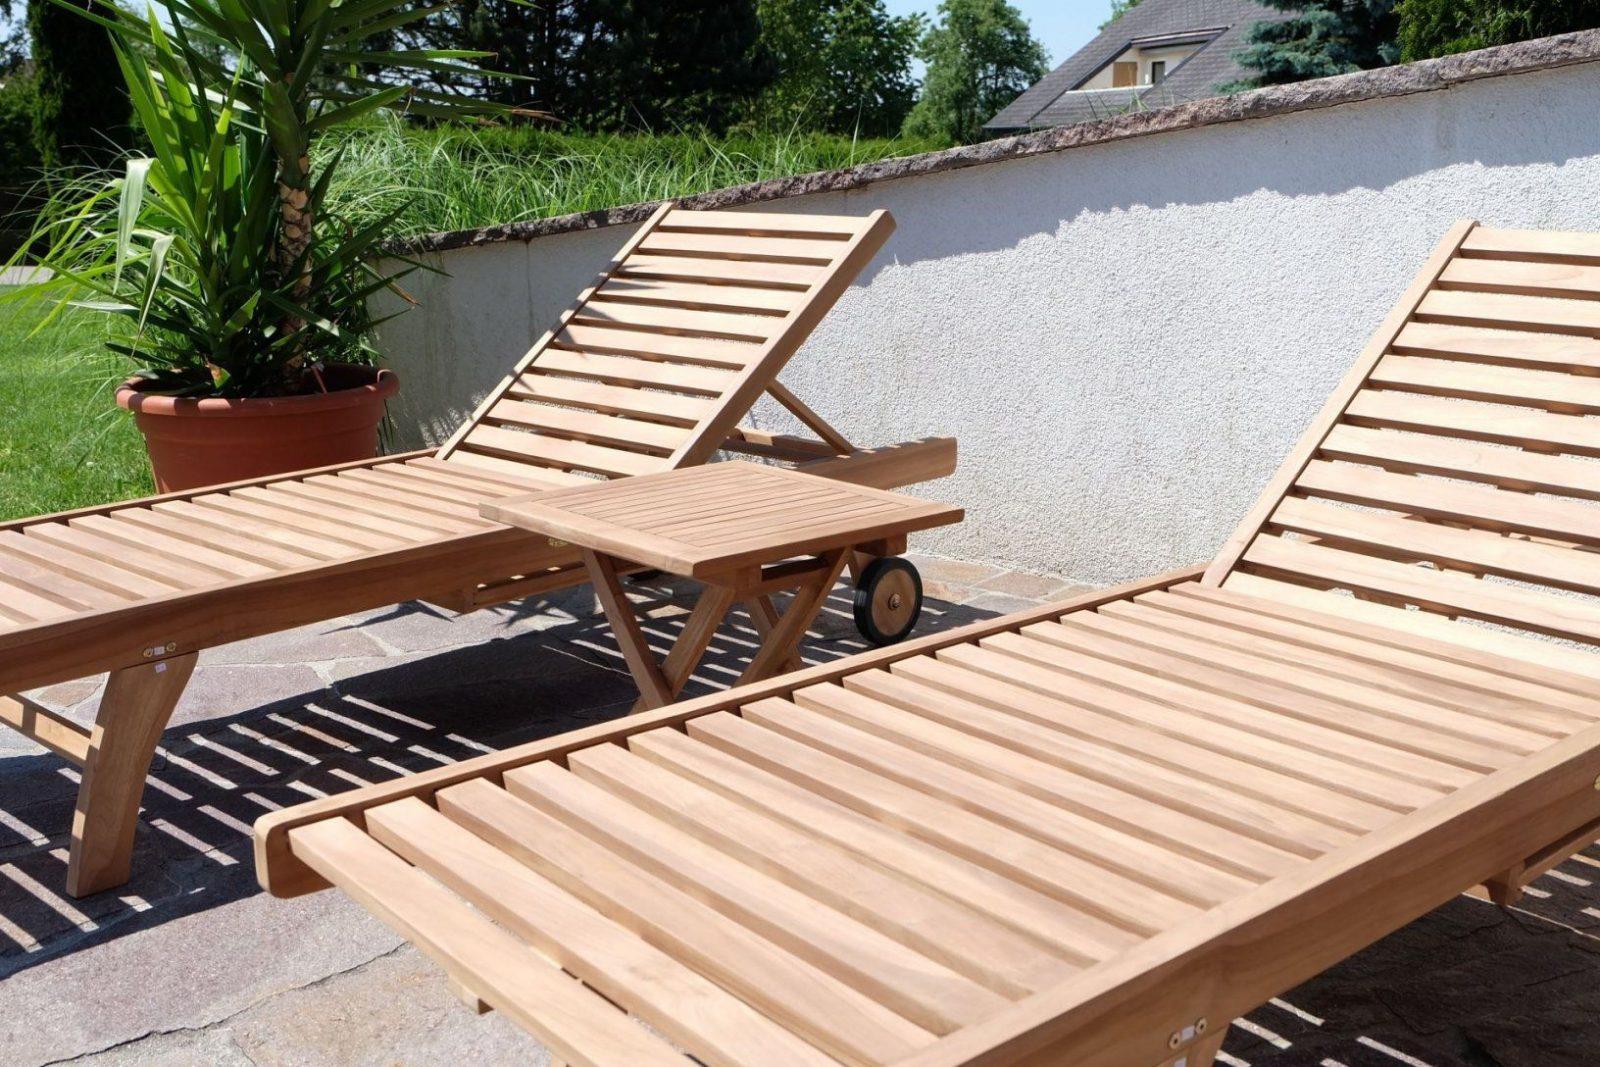 Holzliege Selber Bauen Mit Beste Gartenliege Holz Sonnenliege Holz von Holz Gartenliege Selber Bauen Photo